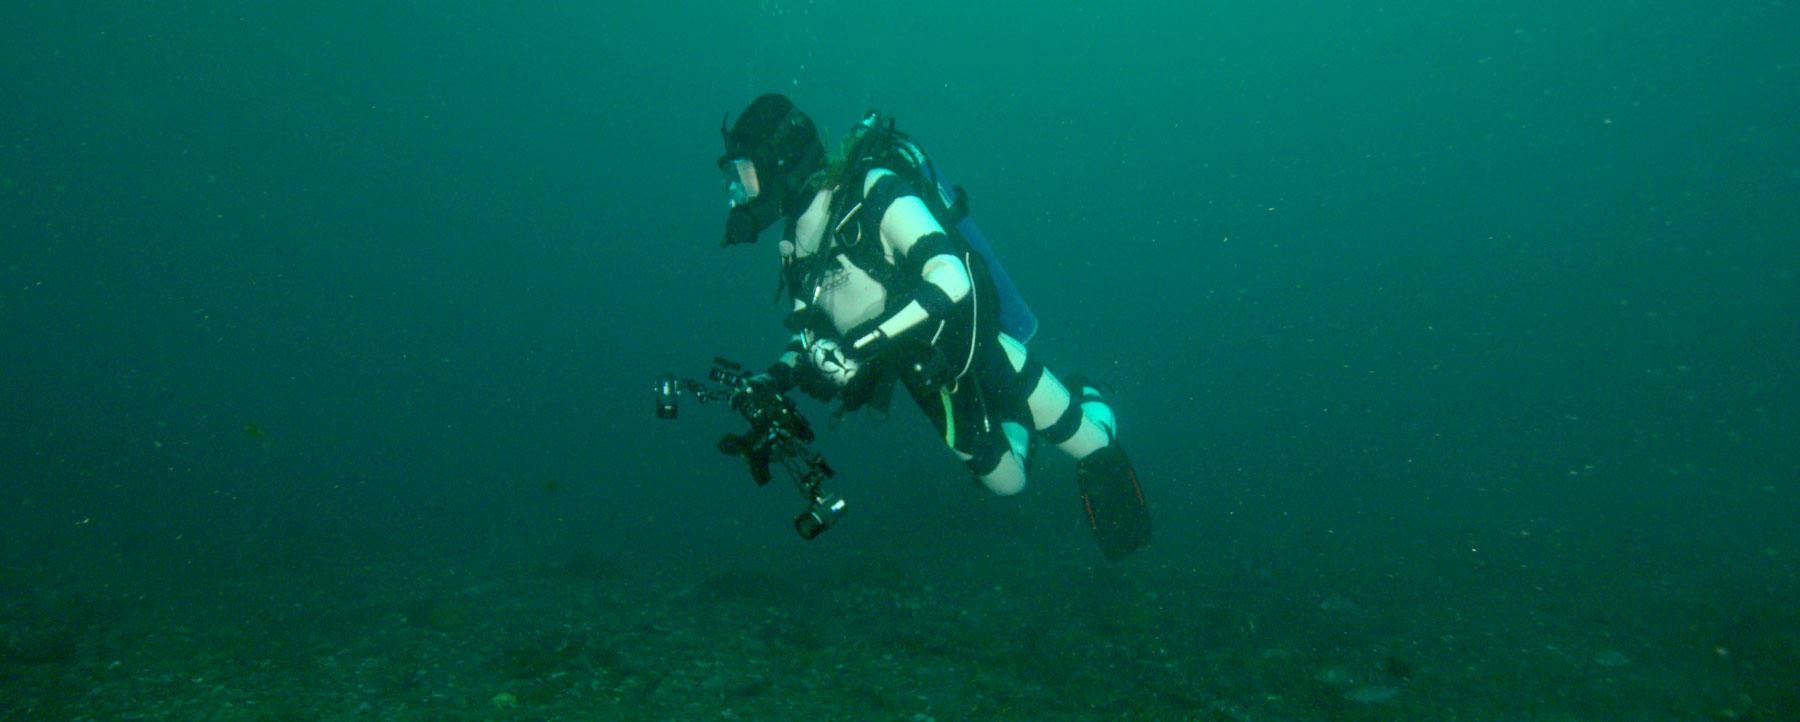 Shark-deterring wetsuit